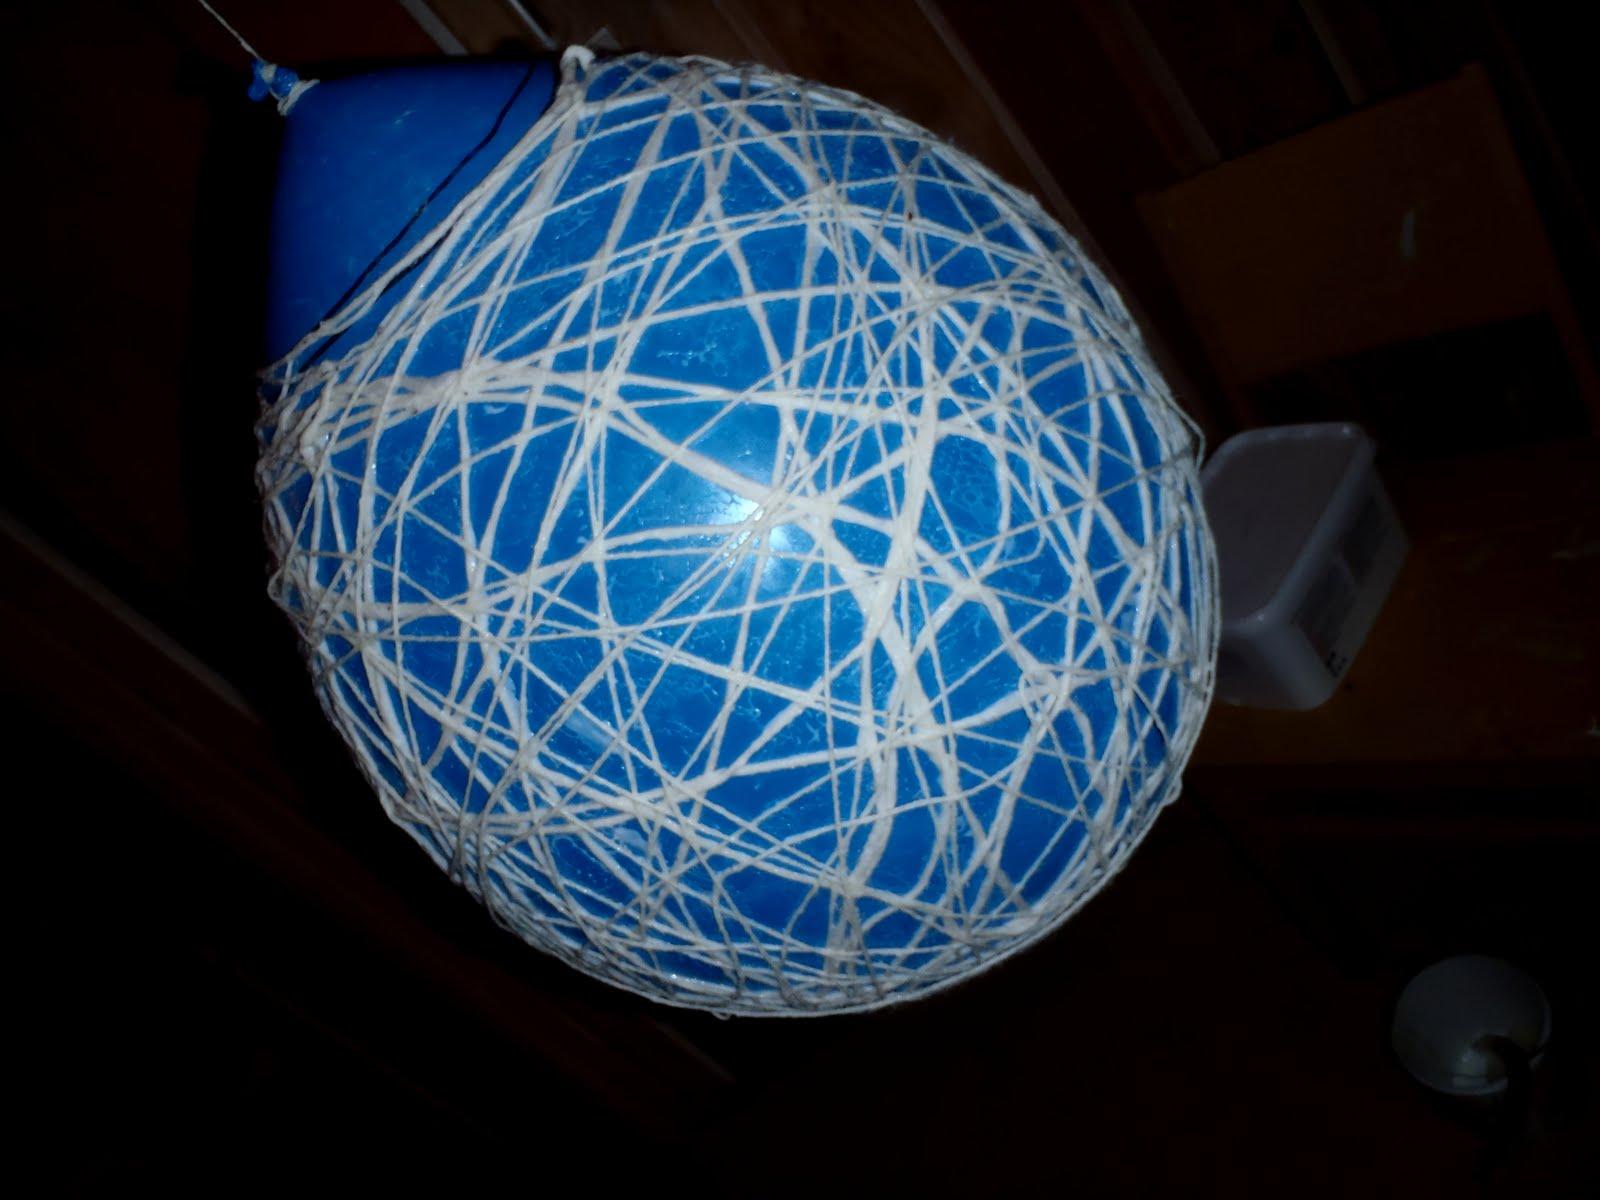 Dinas kreative hjørne: b for ballonglampe!